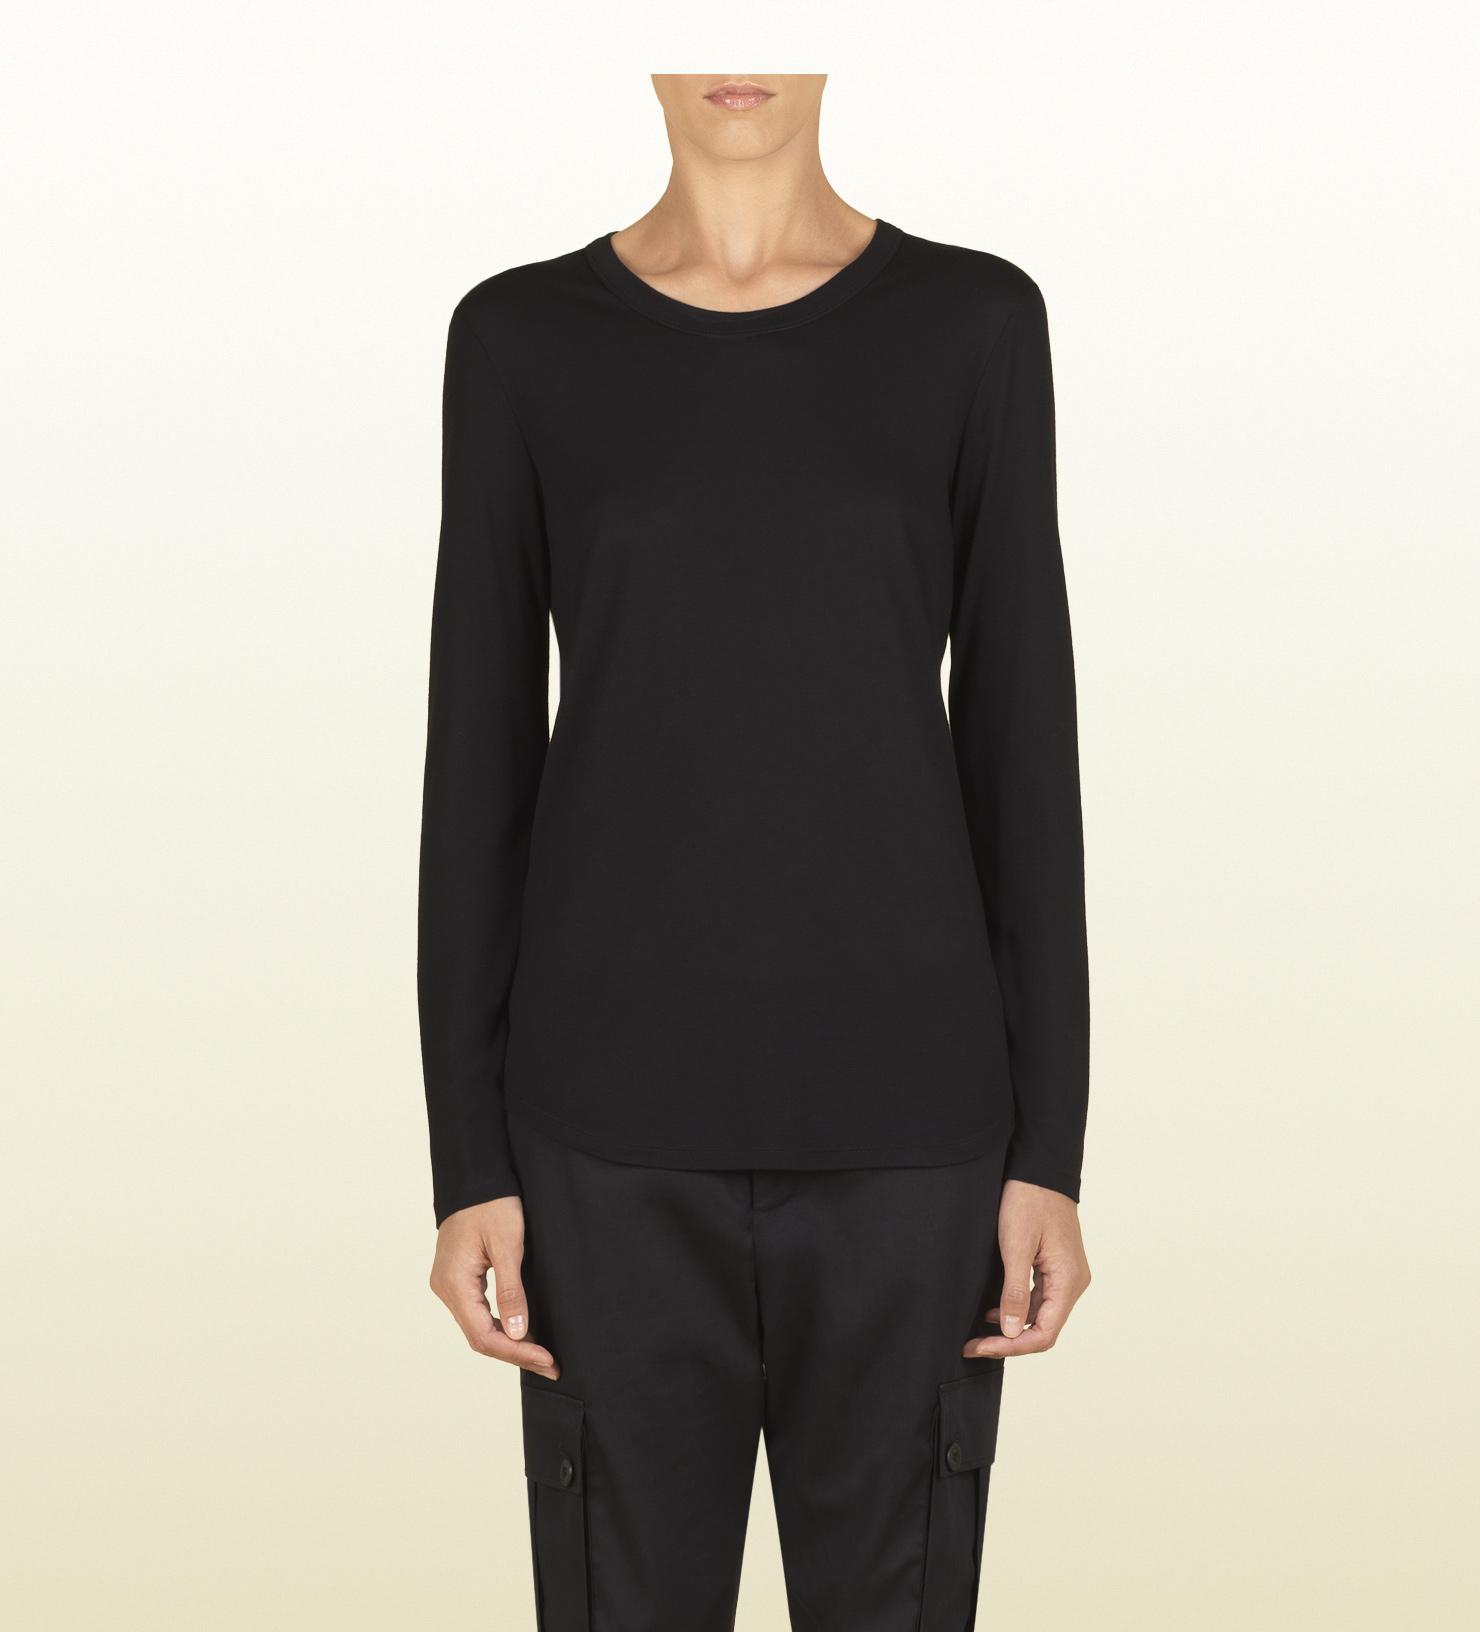 Lyst - Gucci Women s Black Silk Jersey Long Sleeve T-shirt From ... f7e90a1e93